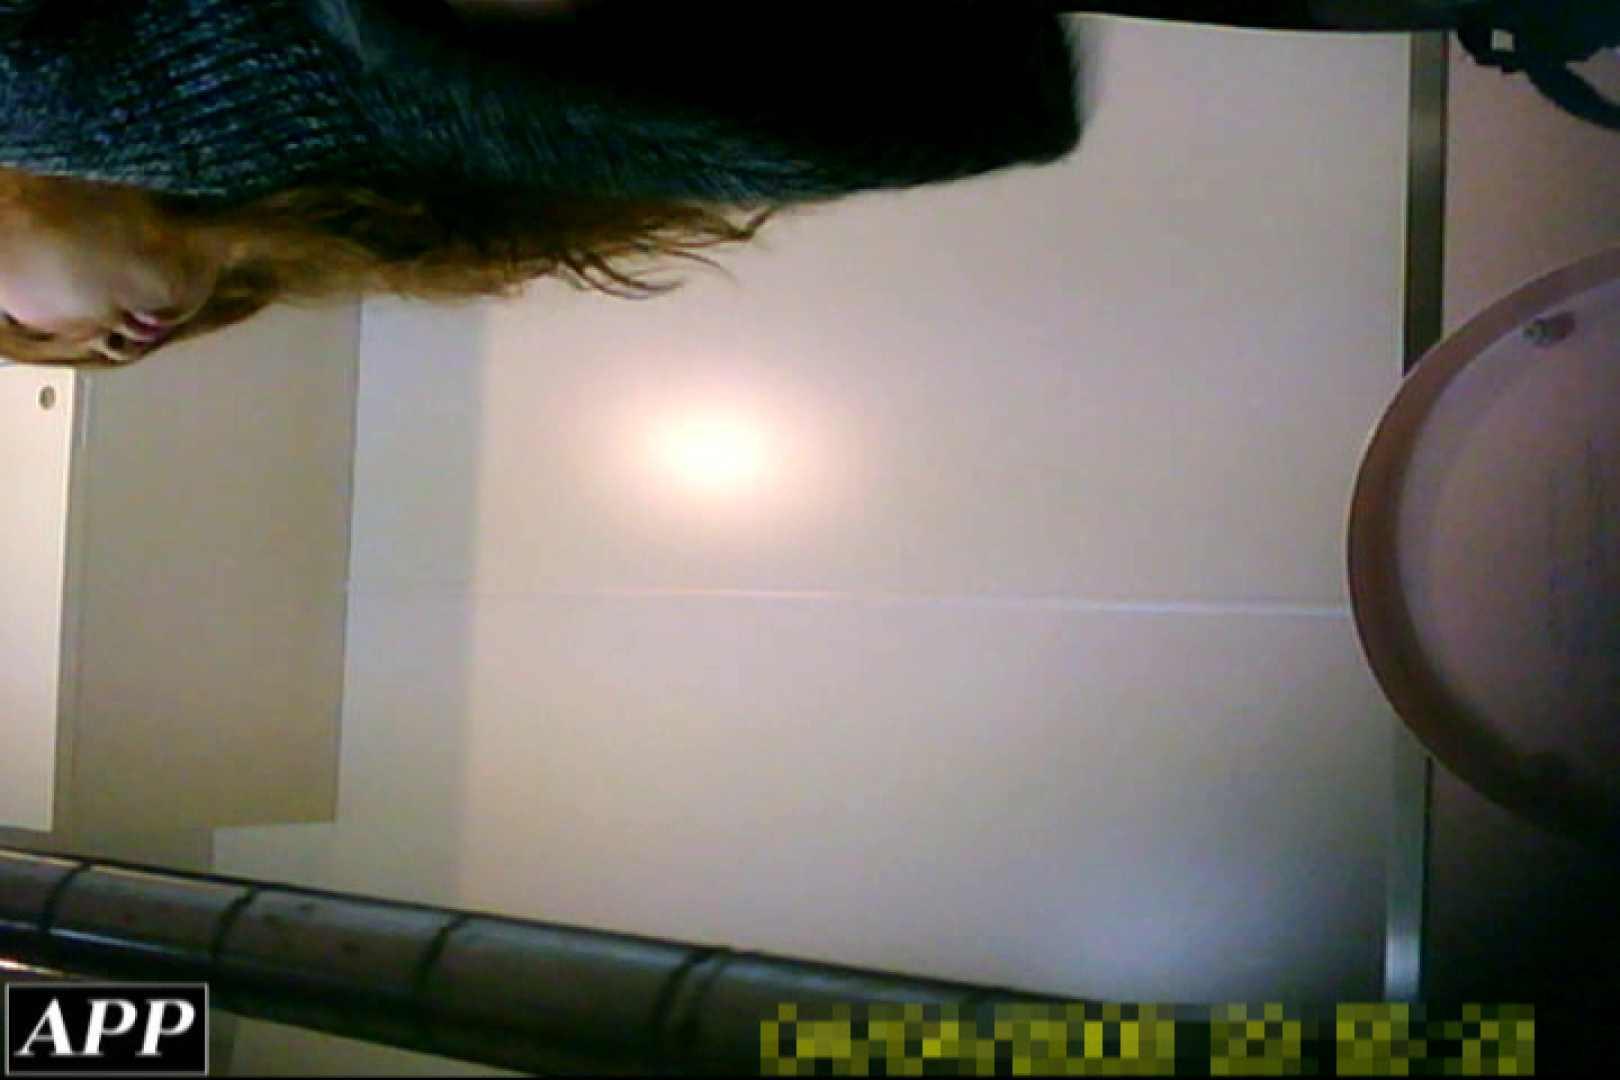 3視点洗面所 vol.144 OLの実態 のぞき動画画像 28pic 8